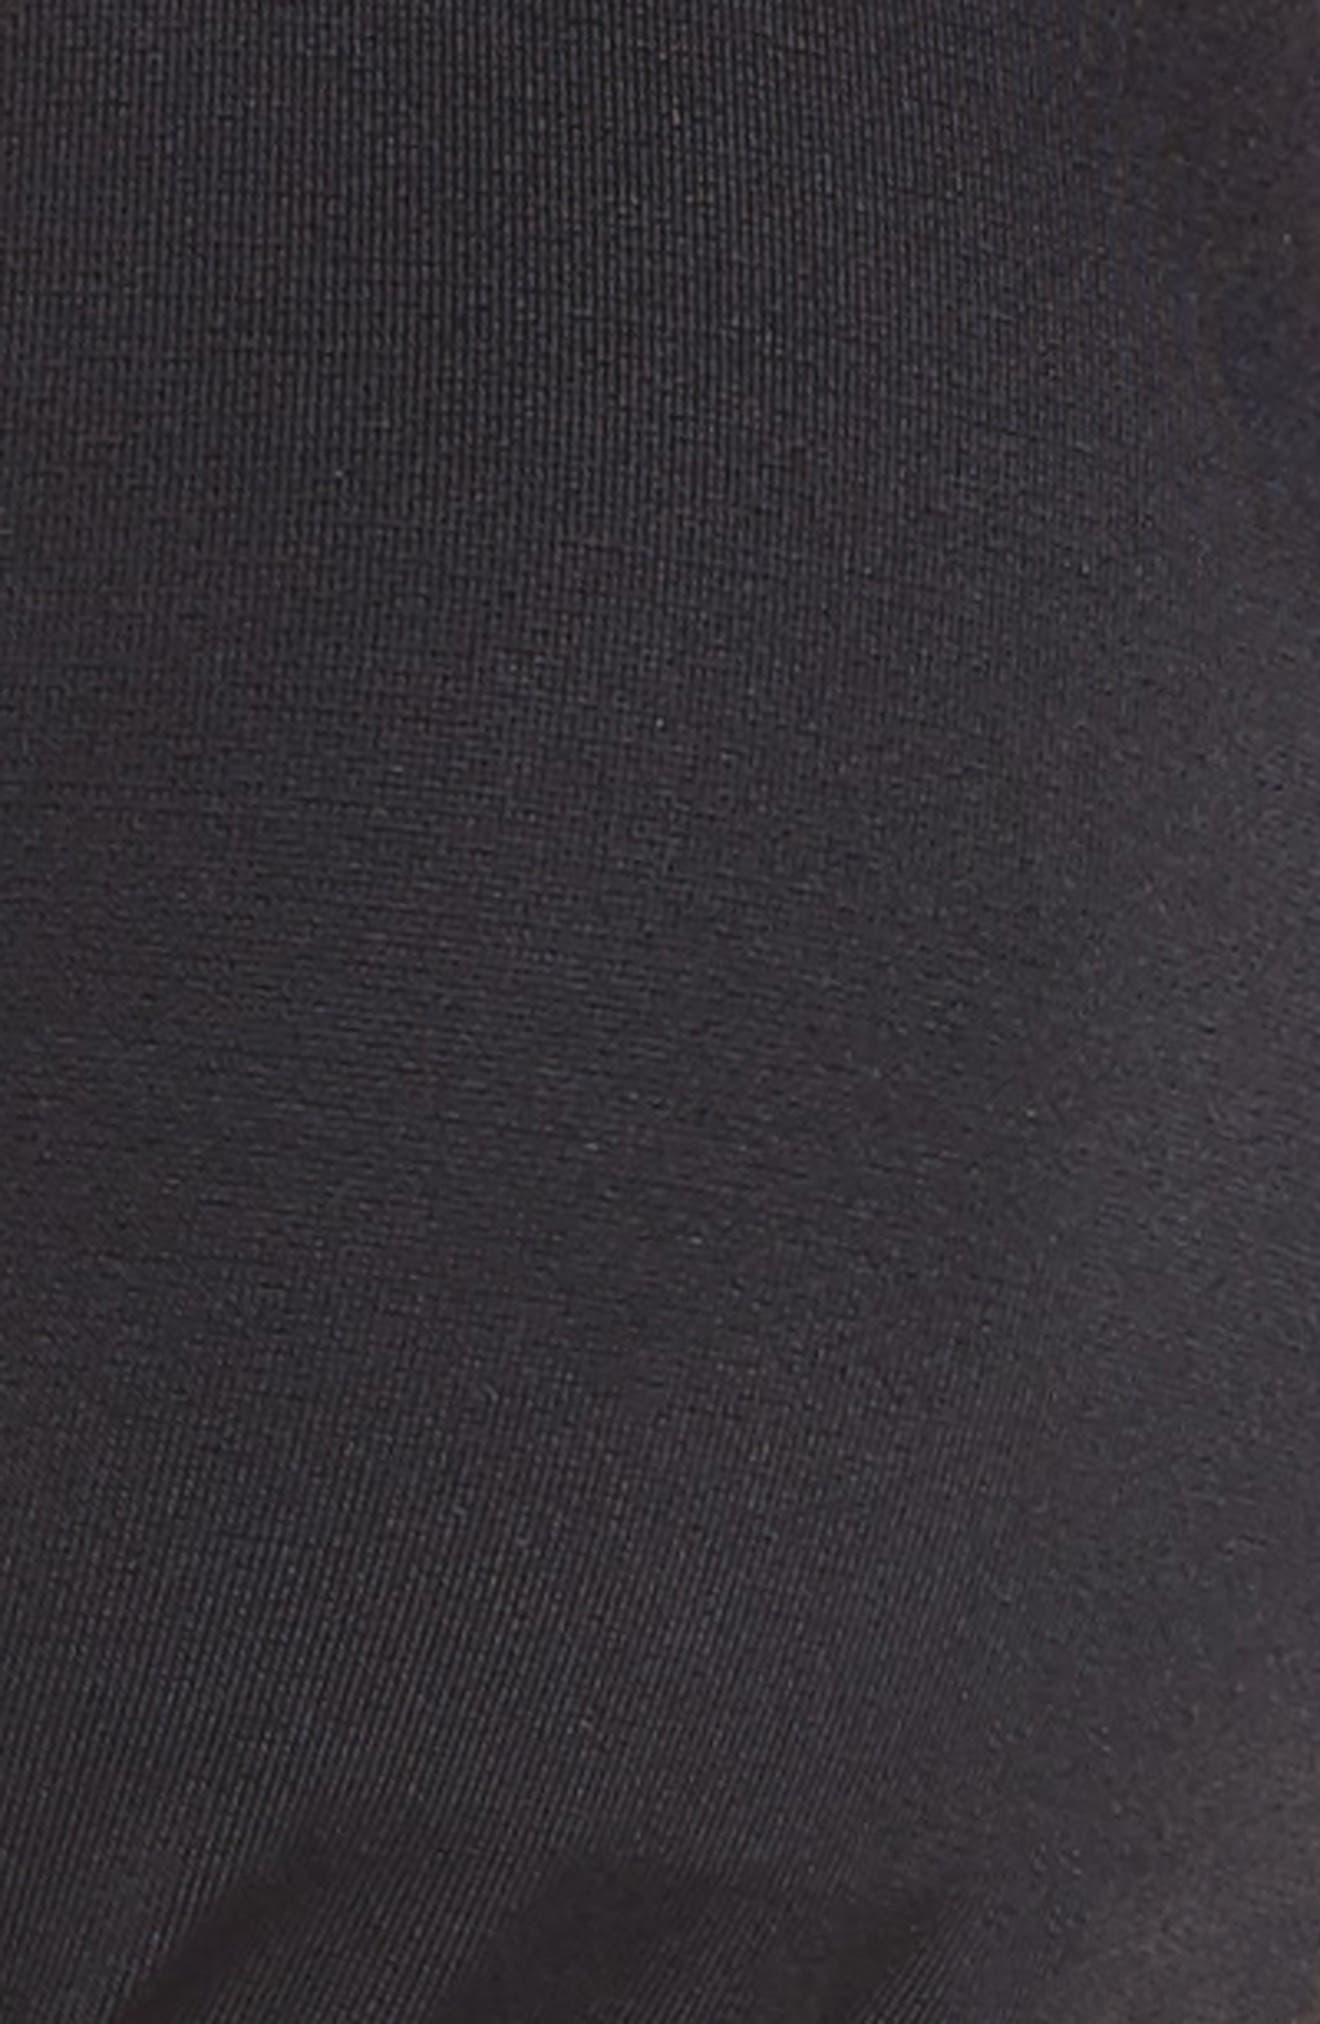 Triangle Bikini Top,                             Alternate thumbnail 5, color,                             Black